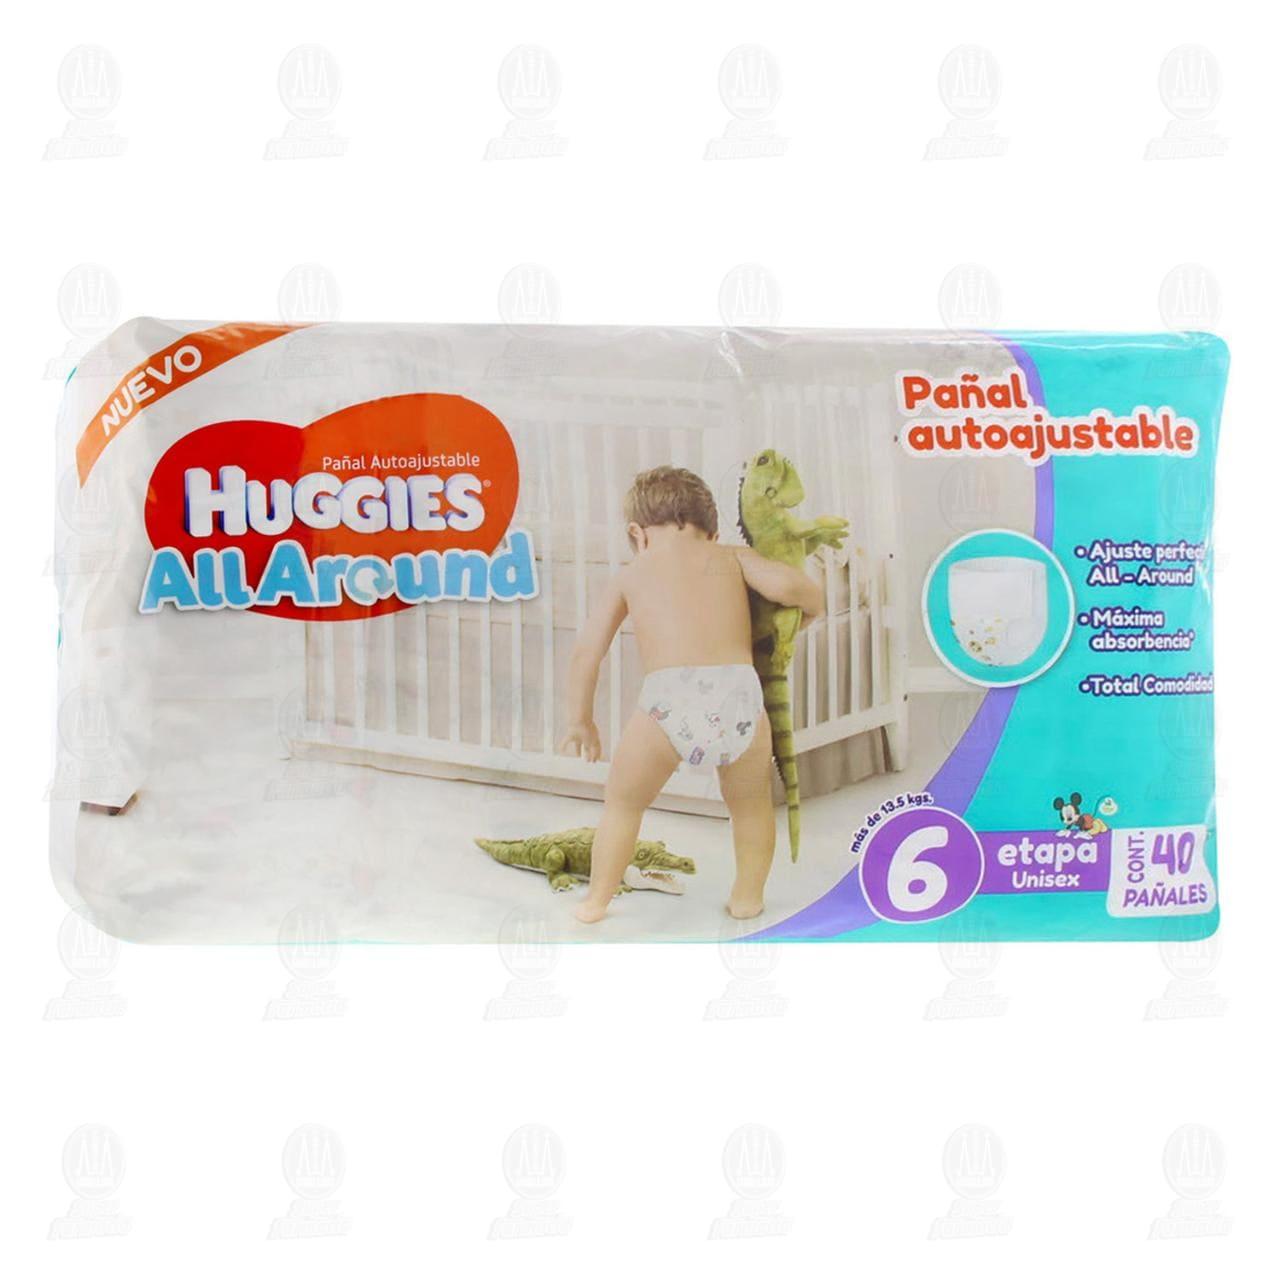 Comprar Pañales para Bebé Huggies All Around Autoajustables Unisex Etapa 6, 40 pzas. en Farmacias Guadalajara